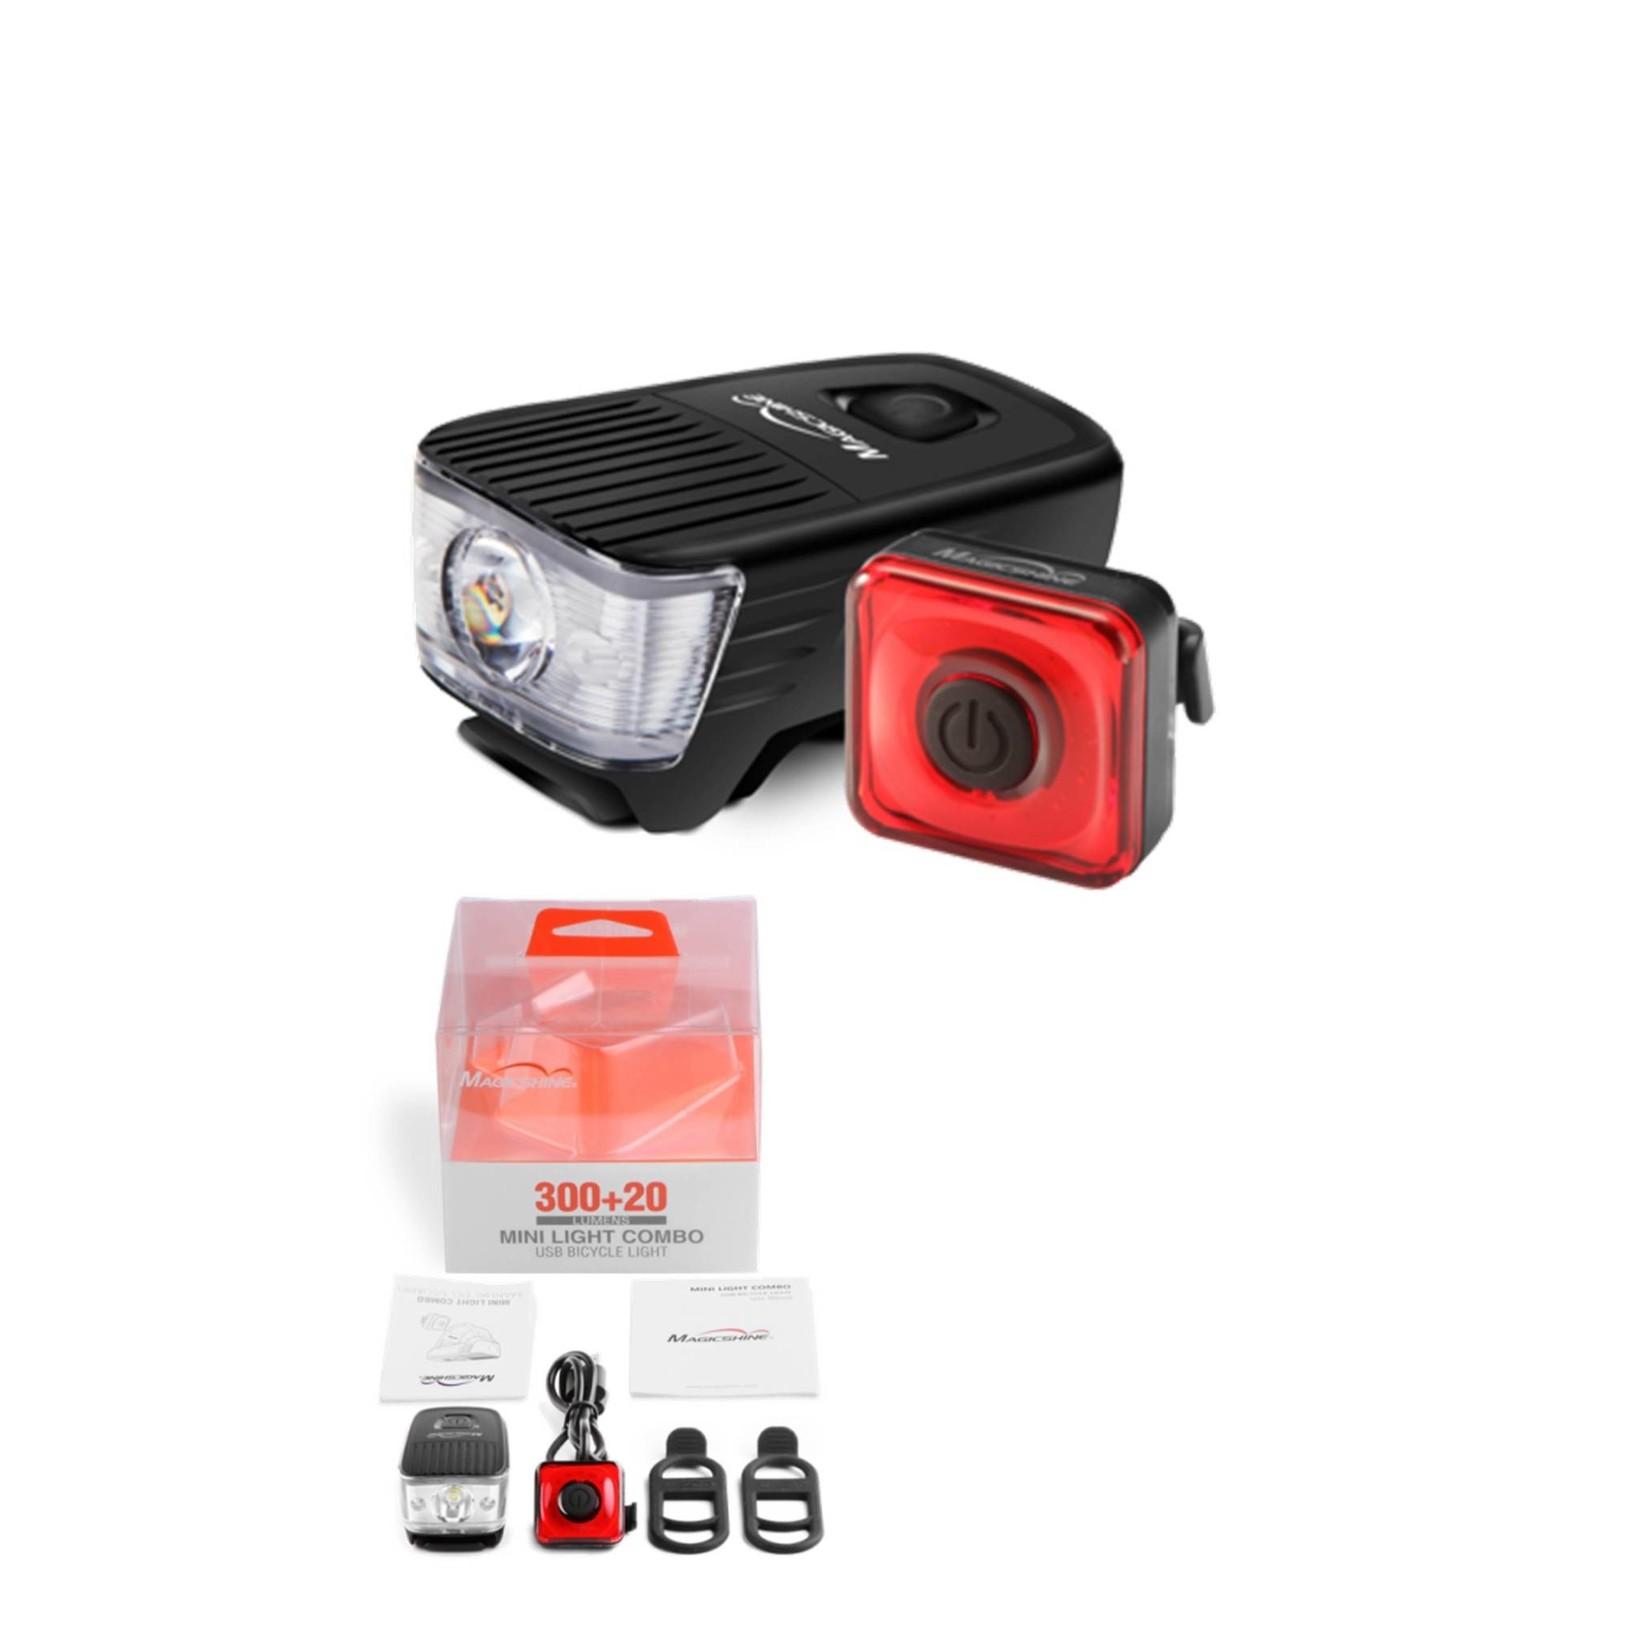 Magicshine Mini Combo Light Set 300/20